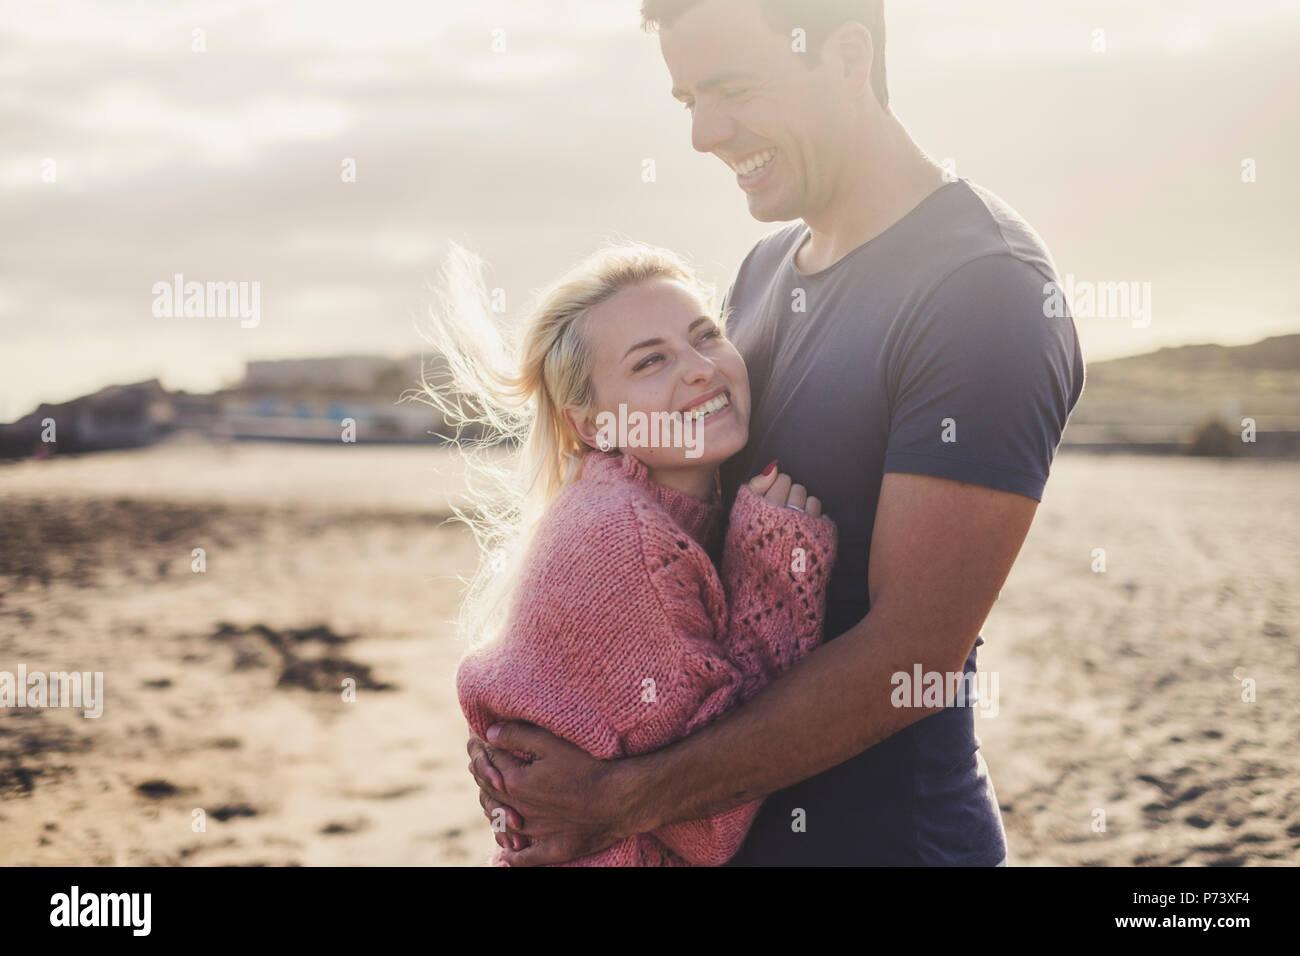 En el amor y la pareja aucasian romántica escena dentro de una vieja vintage camper preparado para viajar y tener unas vacaciones junto con la felicidad y la alegría ser rubio. Imagen De Stock